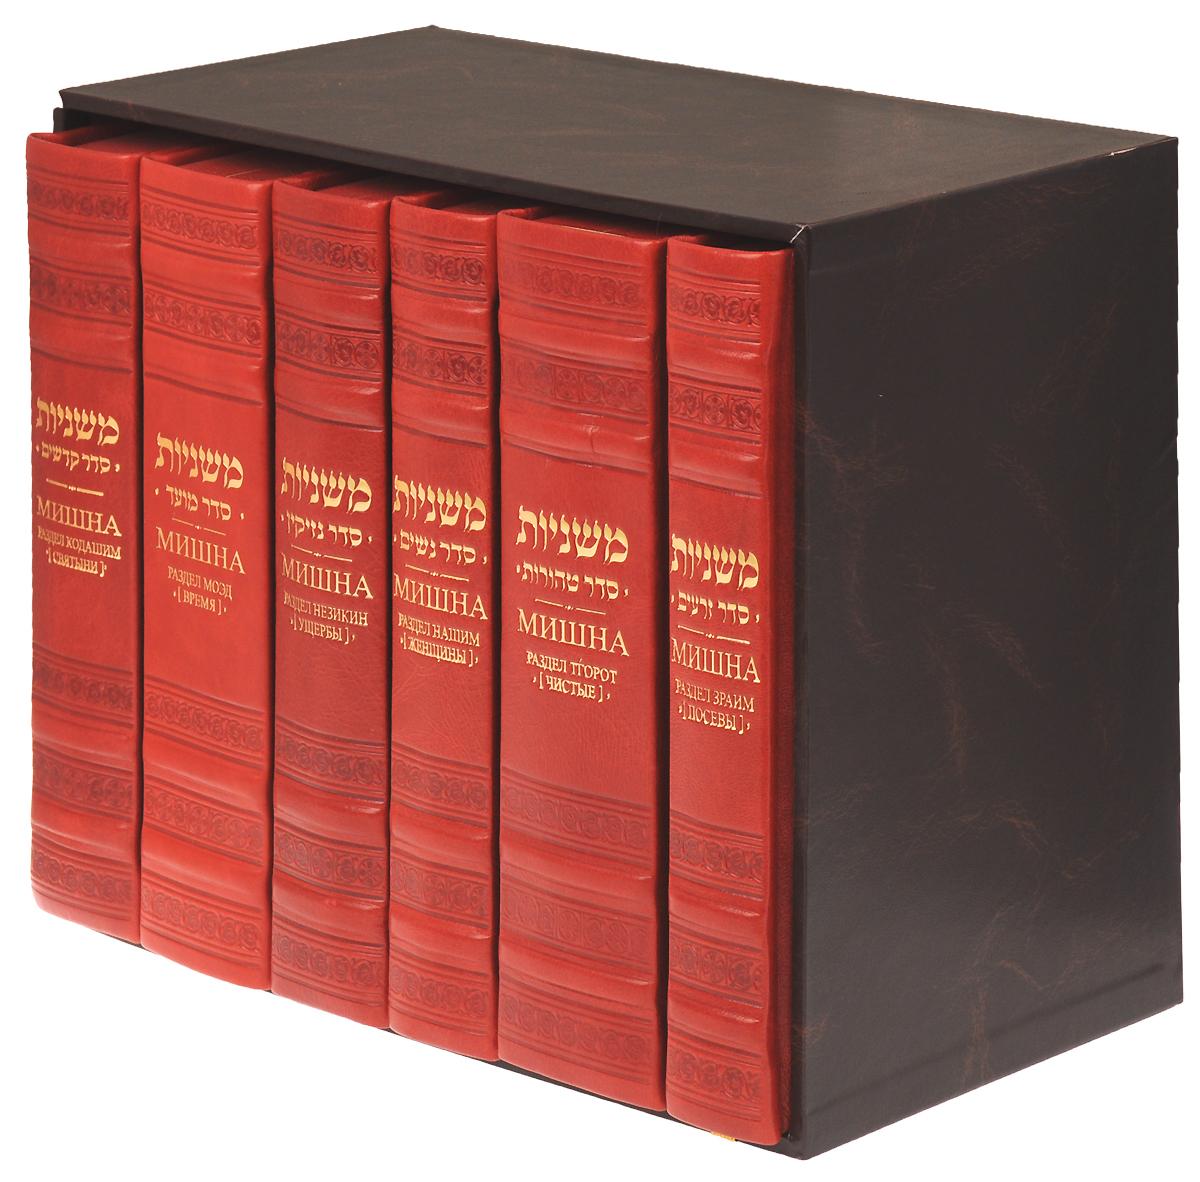 Мишна (подарочный комплект из 6 книг) жизнь и приключения а болотова памятник претекших времен в 4 томах комплект